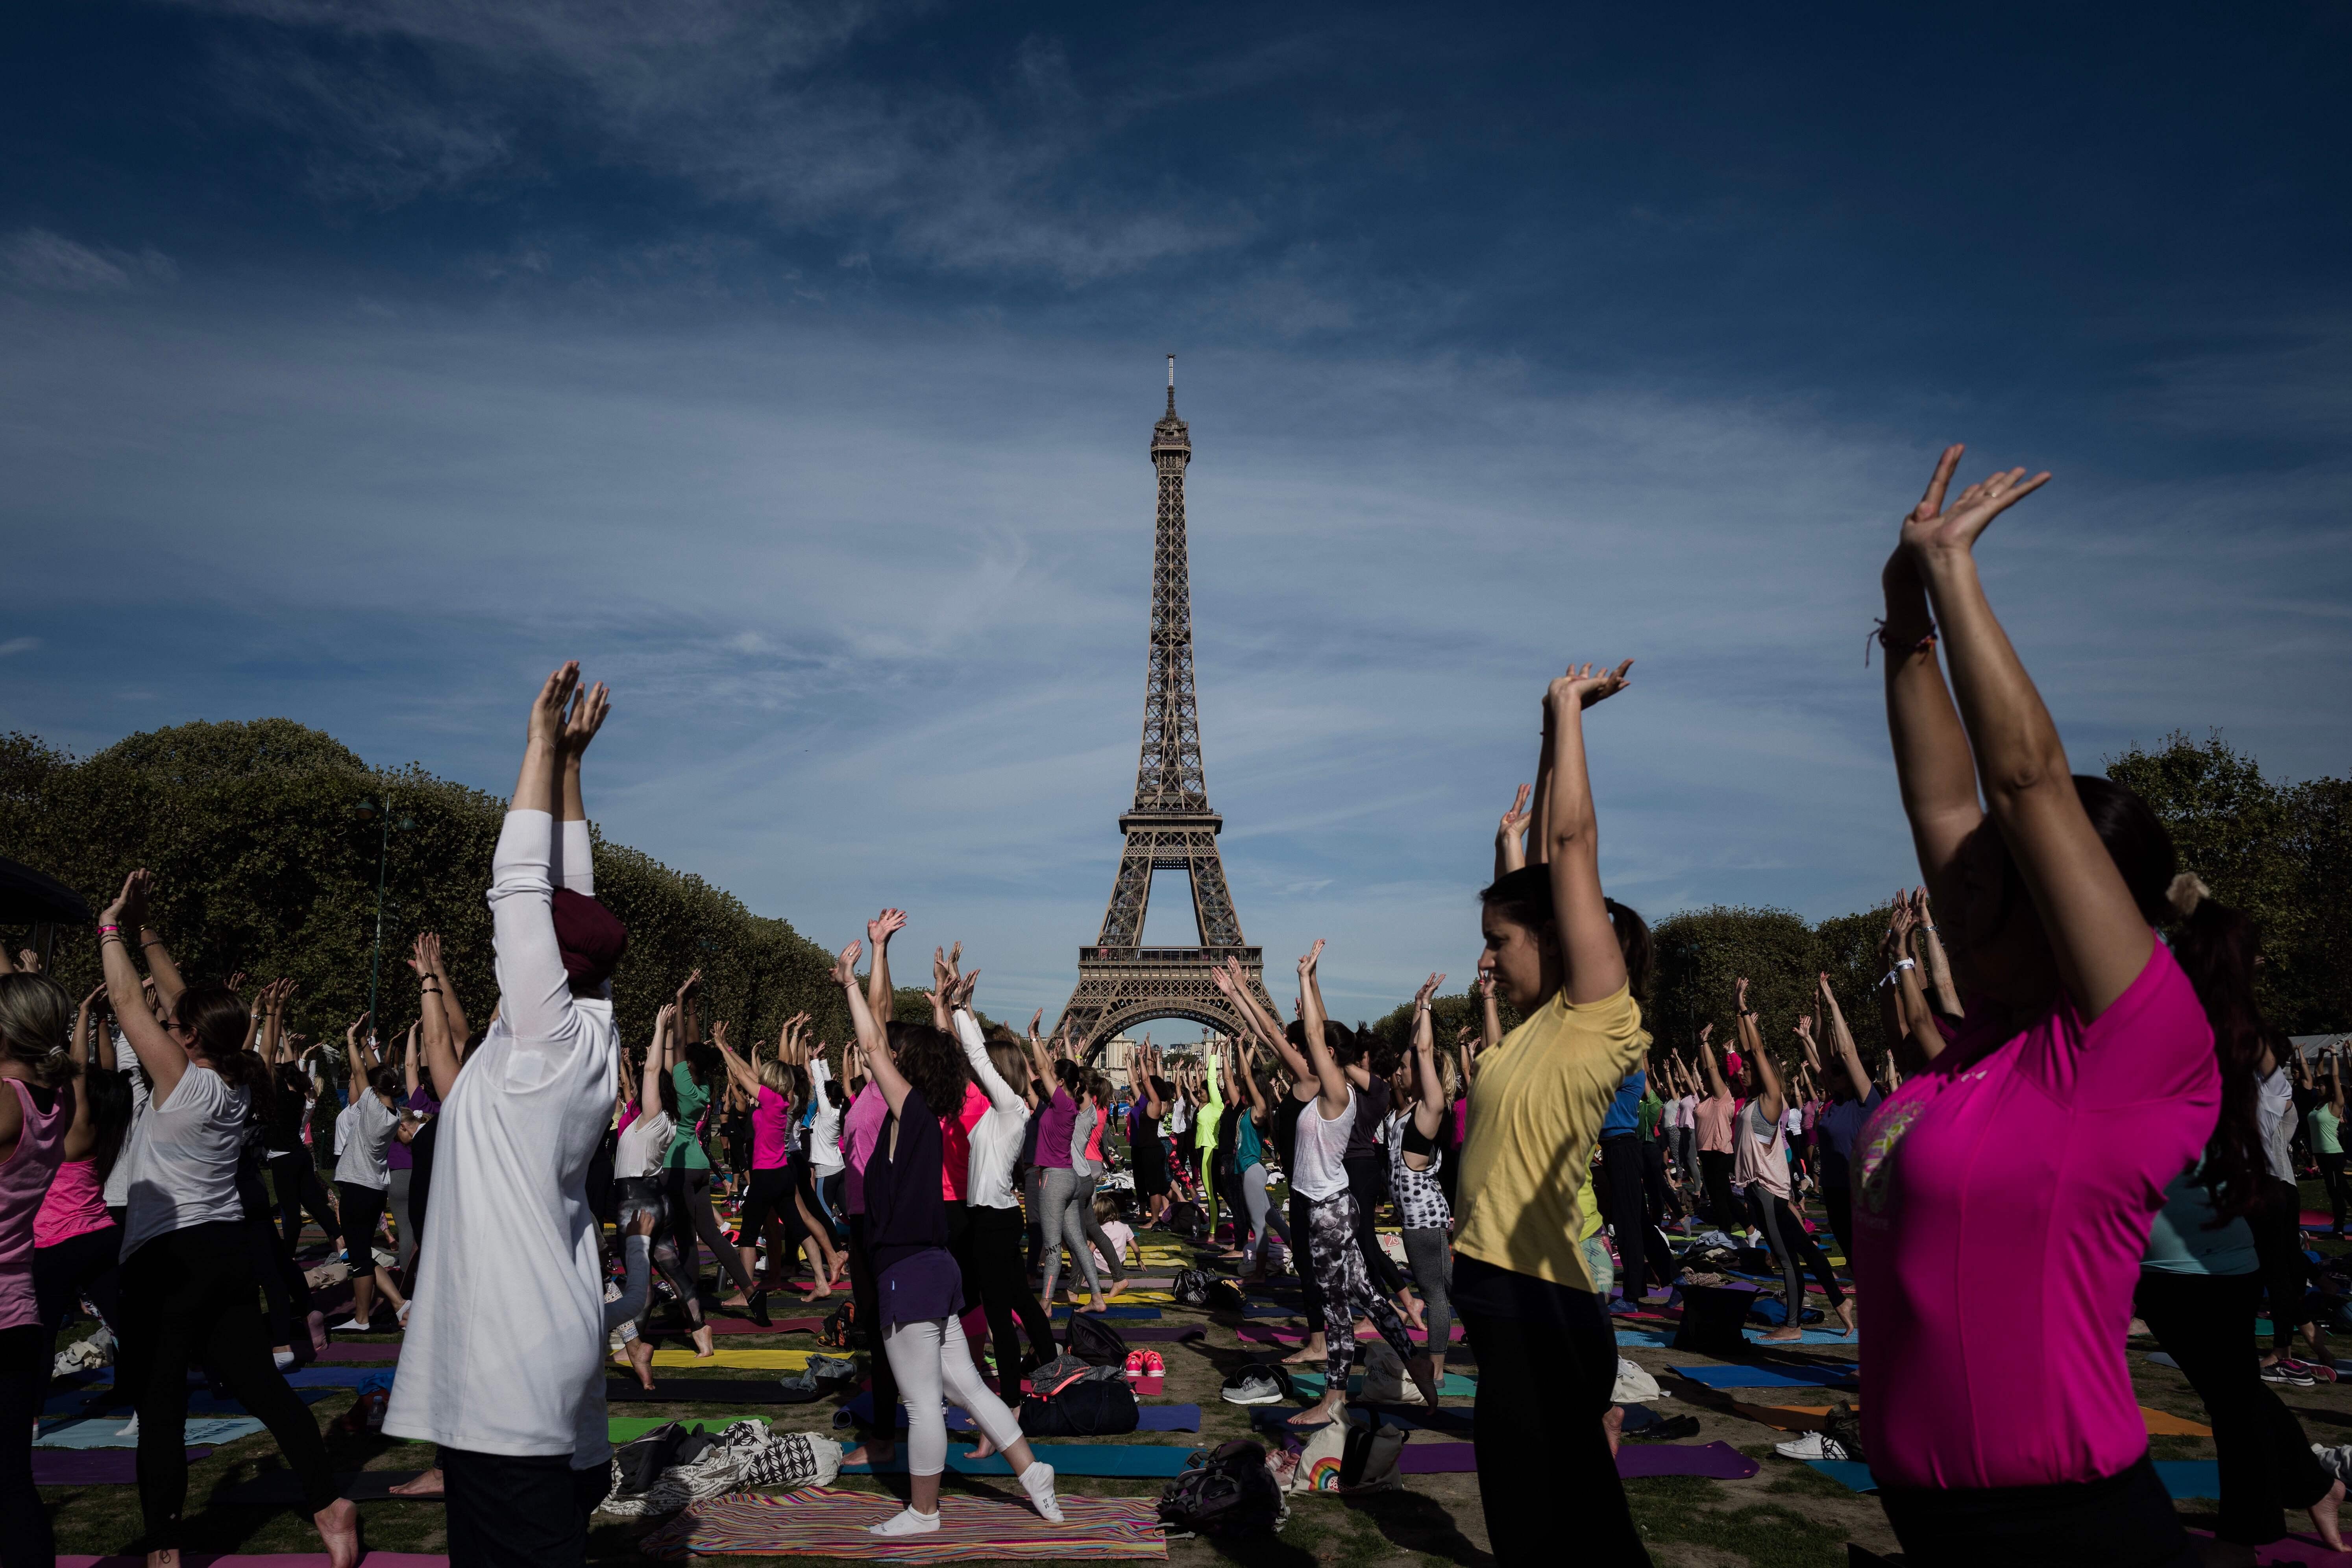 عادة ما تجرى الاحتفالية سنويا فى فرنسا حول برج إيفل